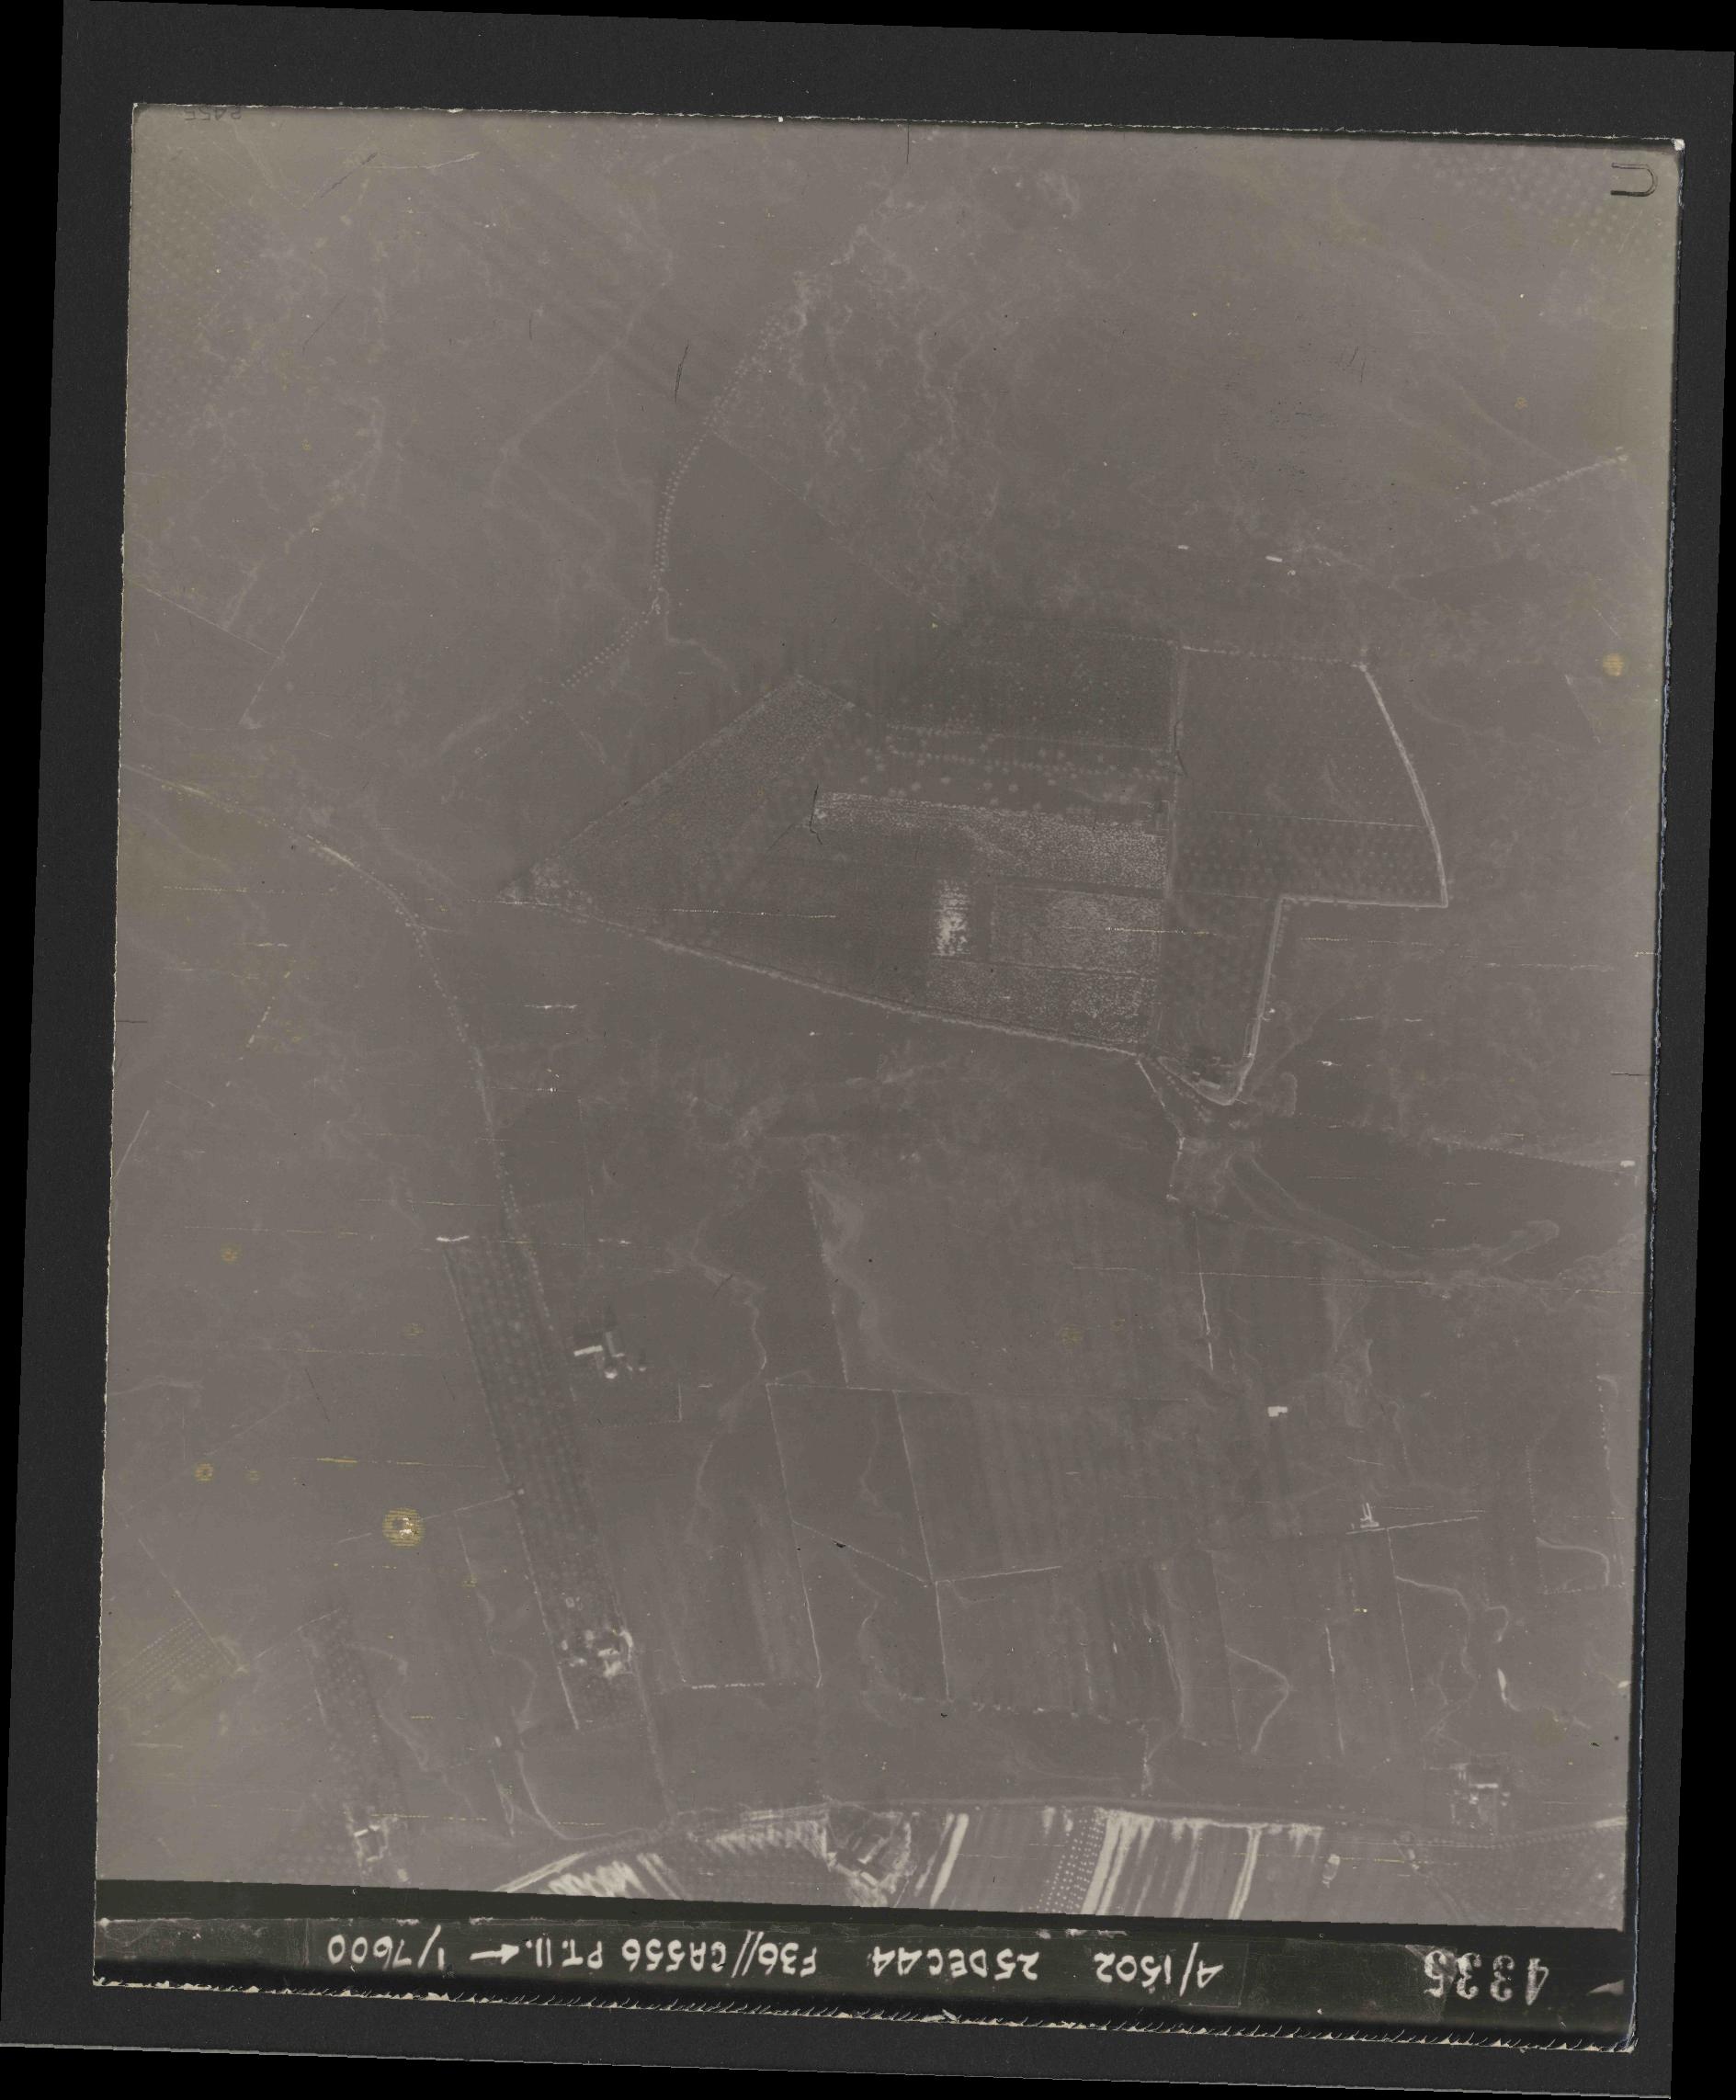 Collection RAF aerial photos 1940-1945 - flight 306, run 09, photo 4335